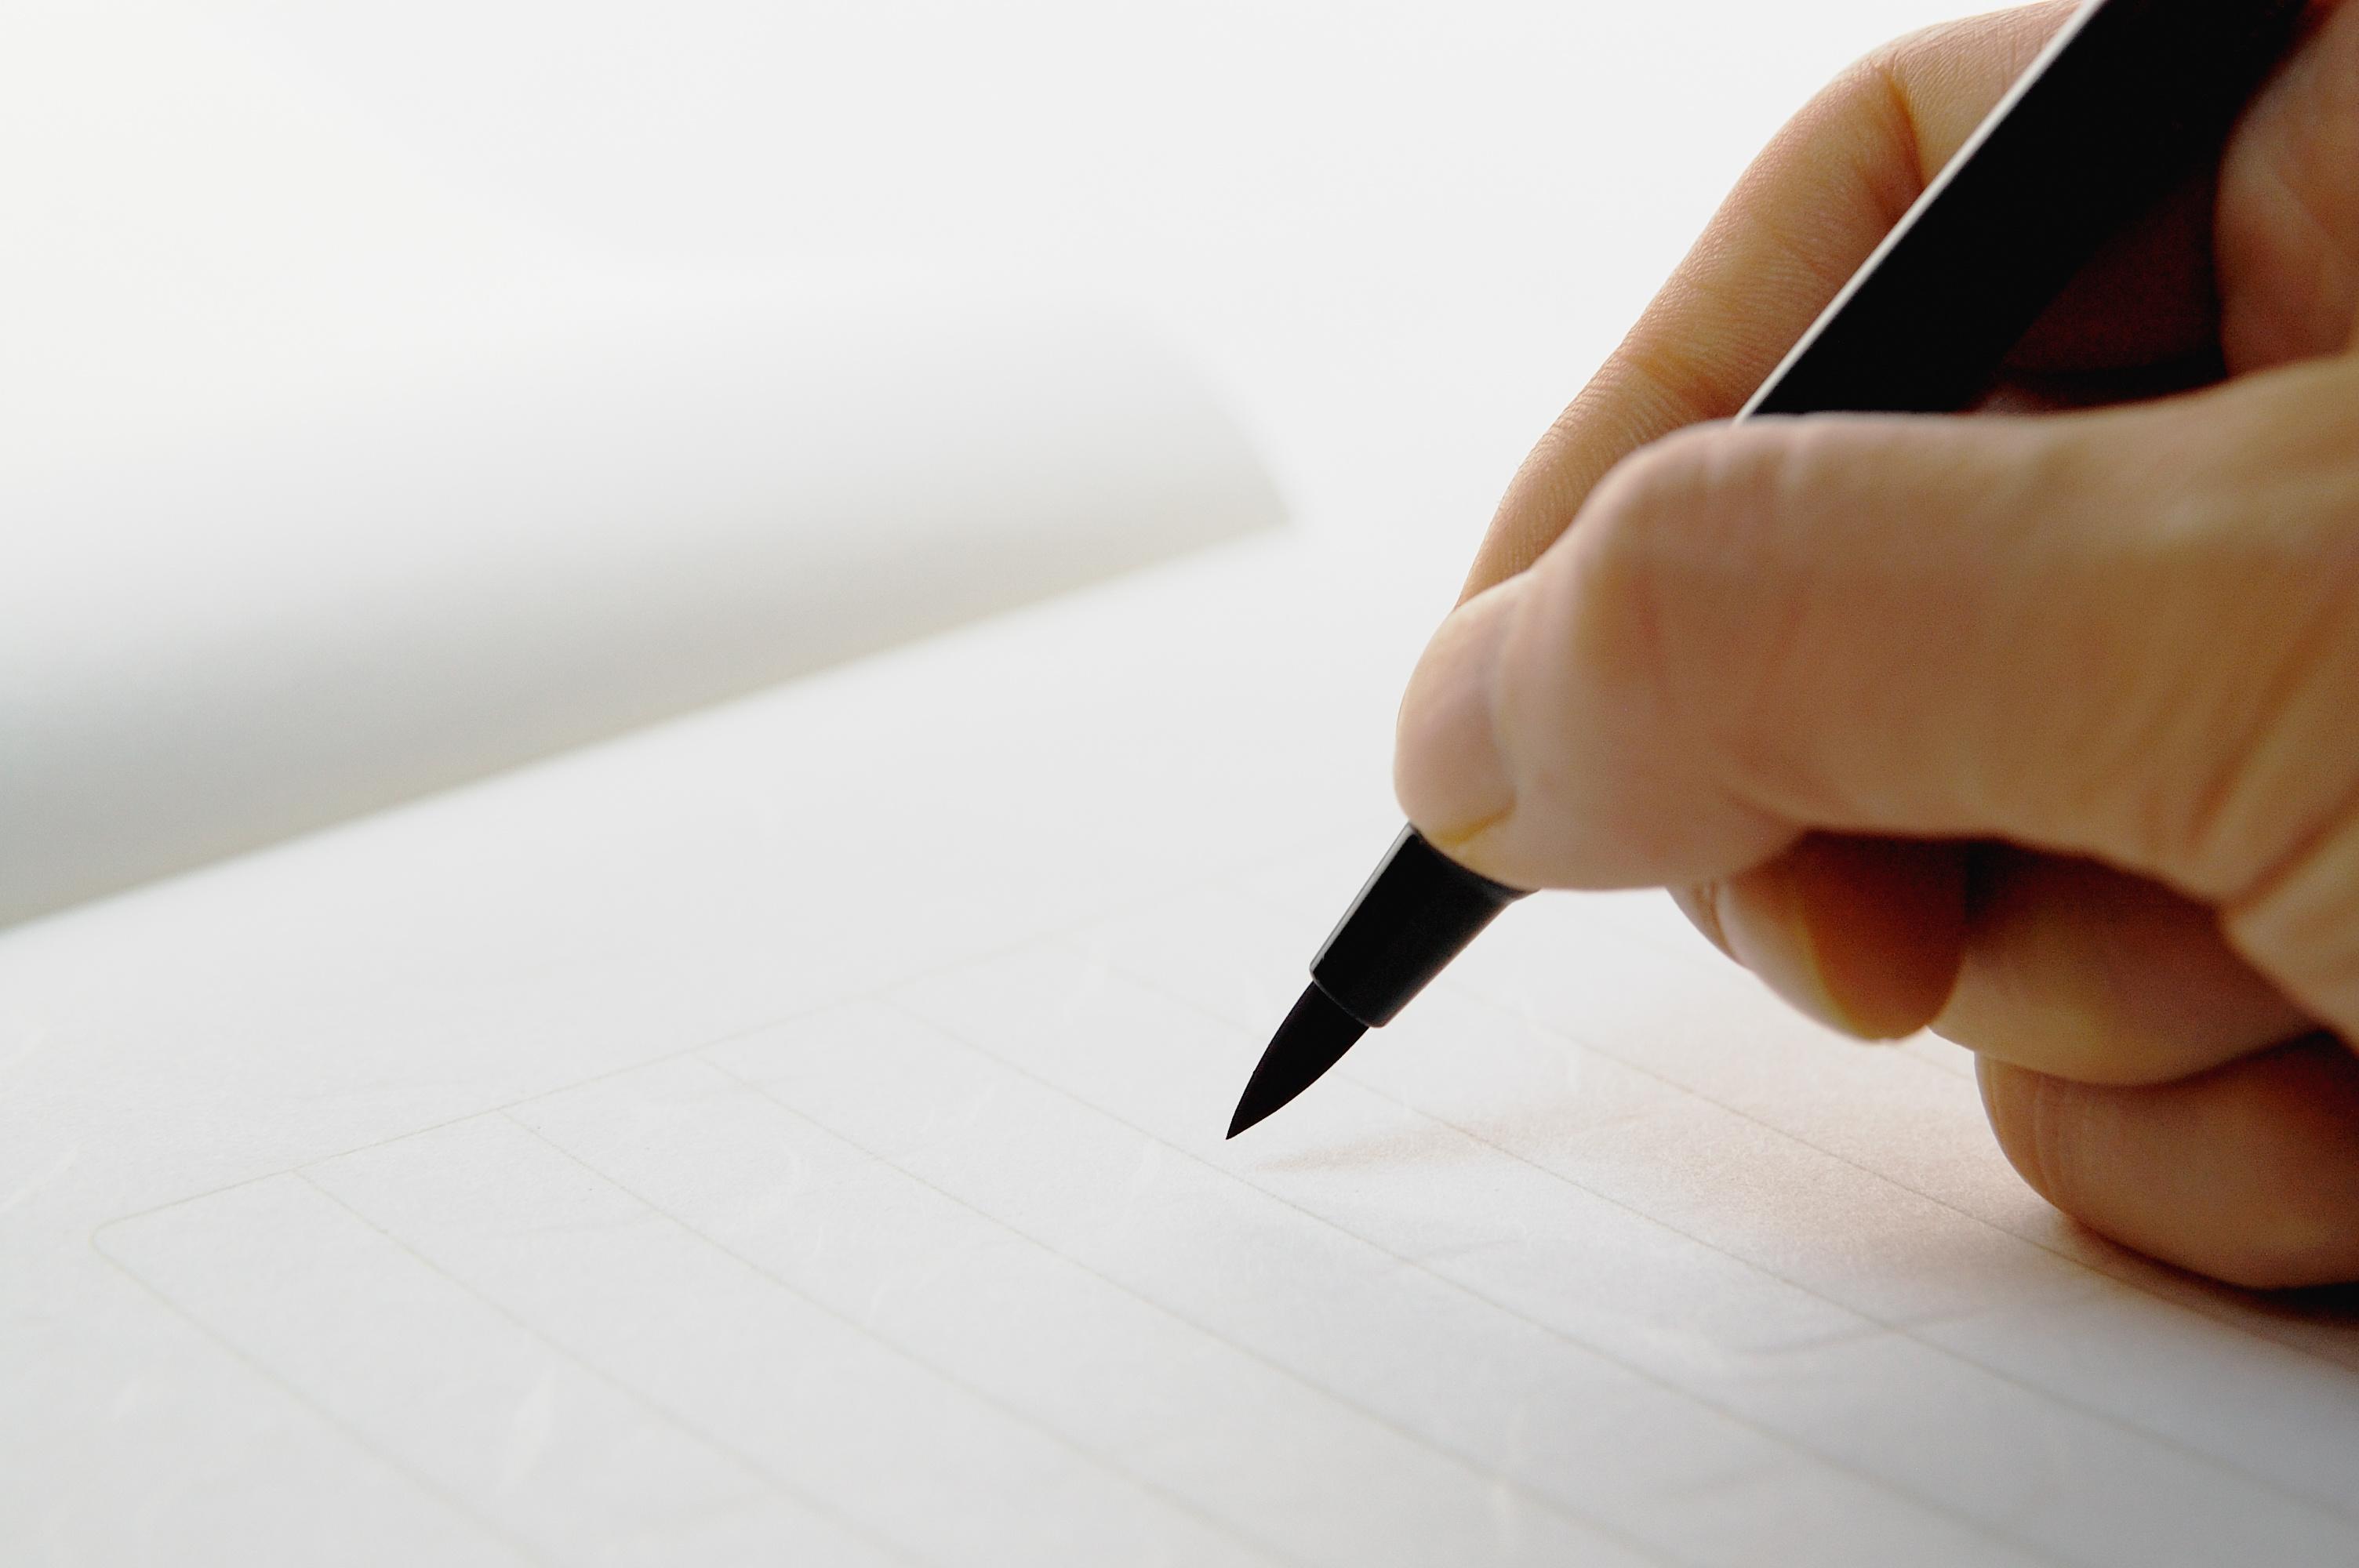 喪中はがきの書き方を文例と共に解説!母や義母が亡くなった場合は?のサムネイル画像